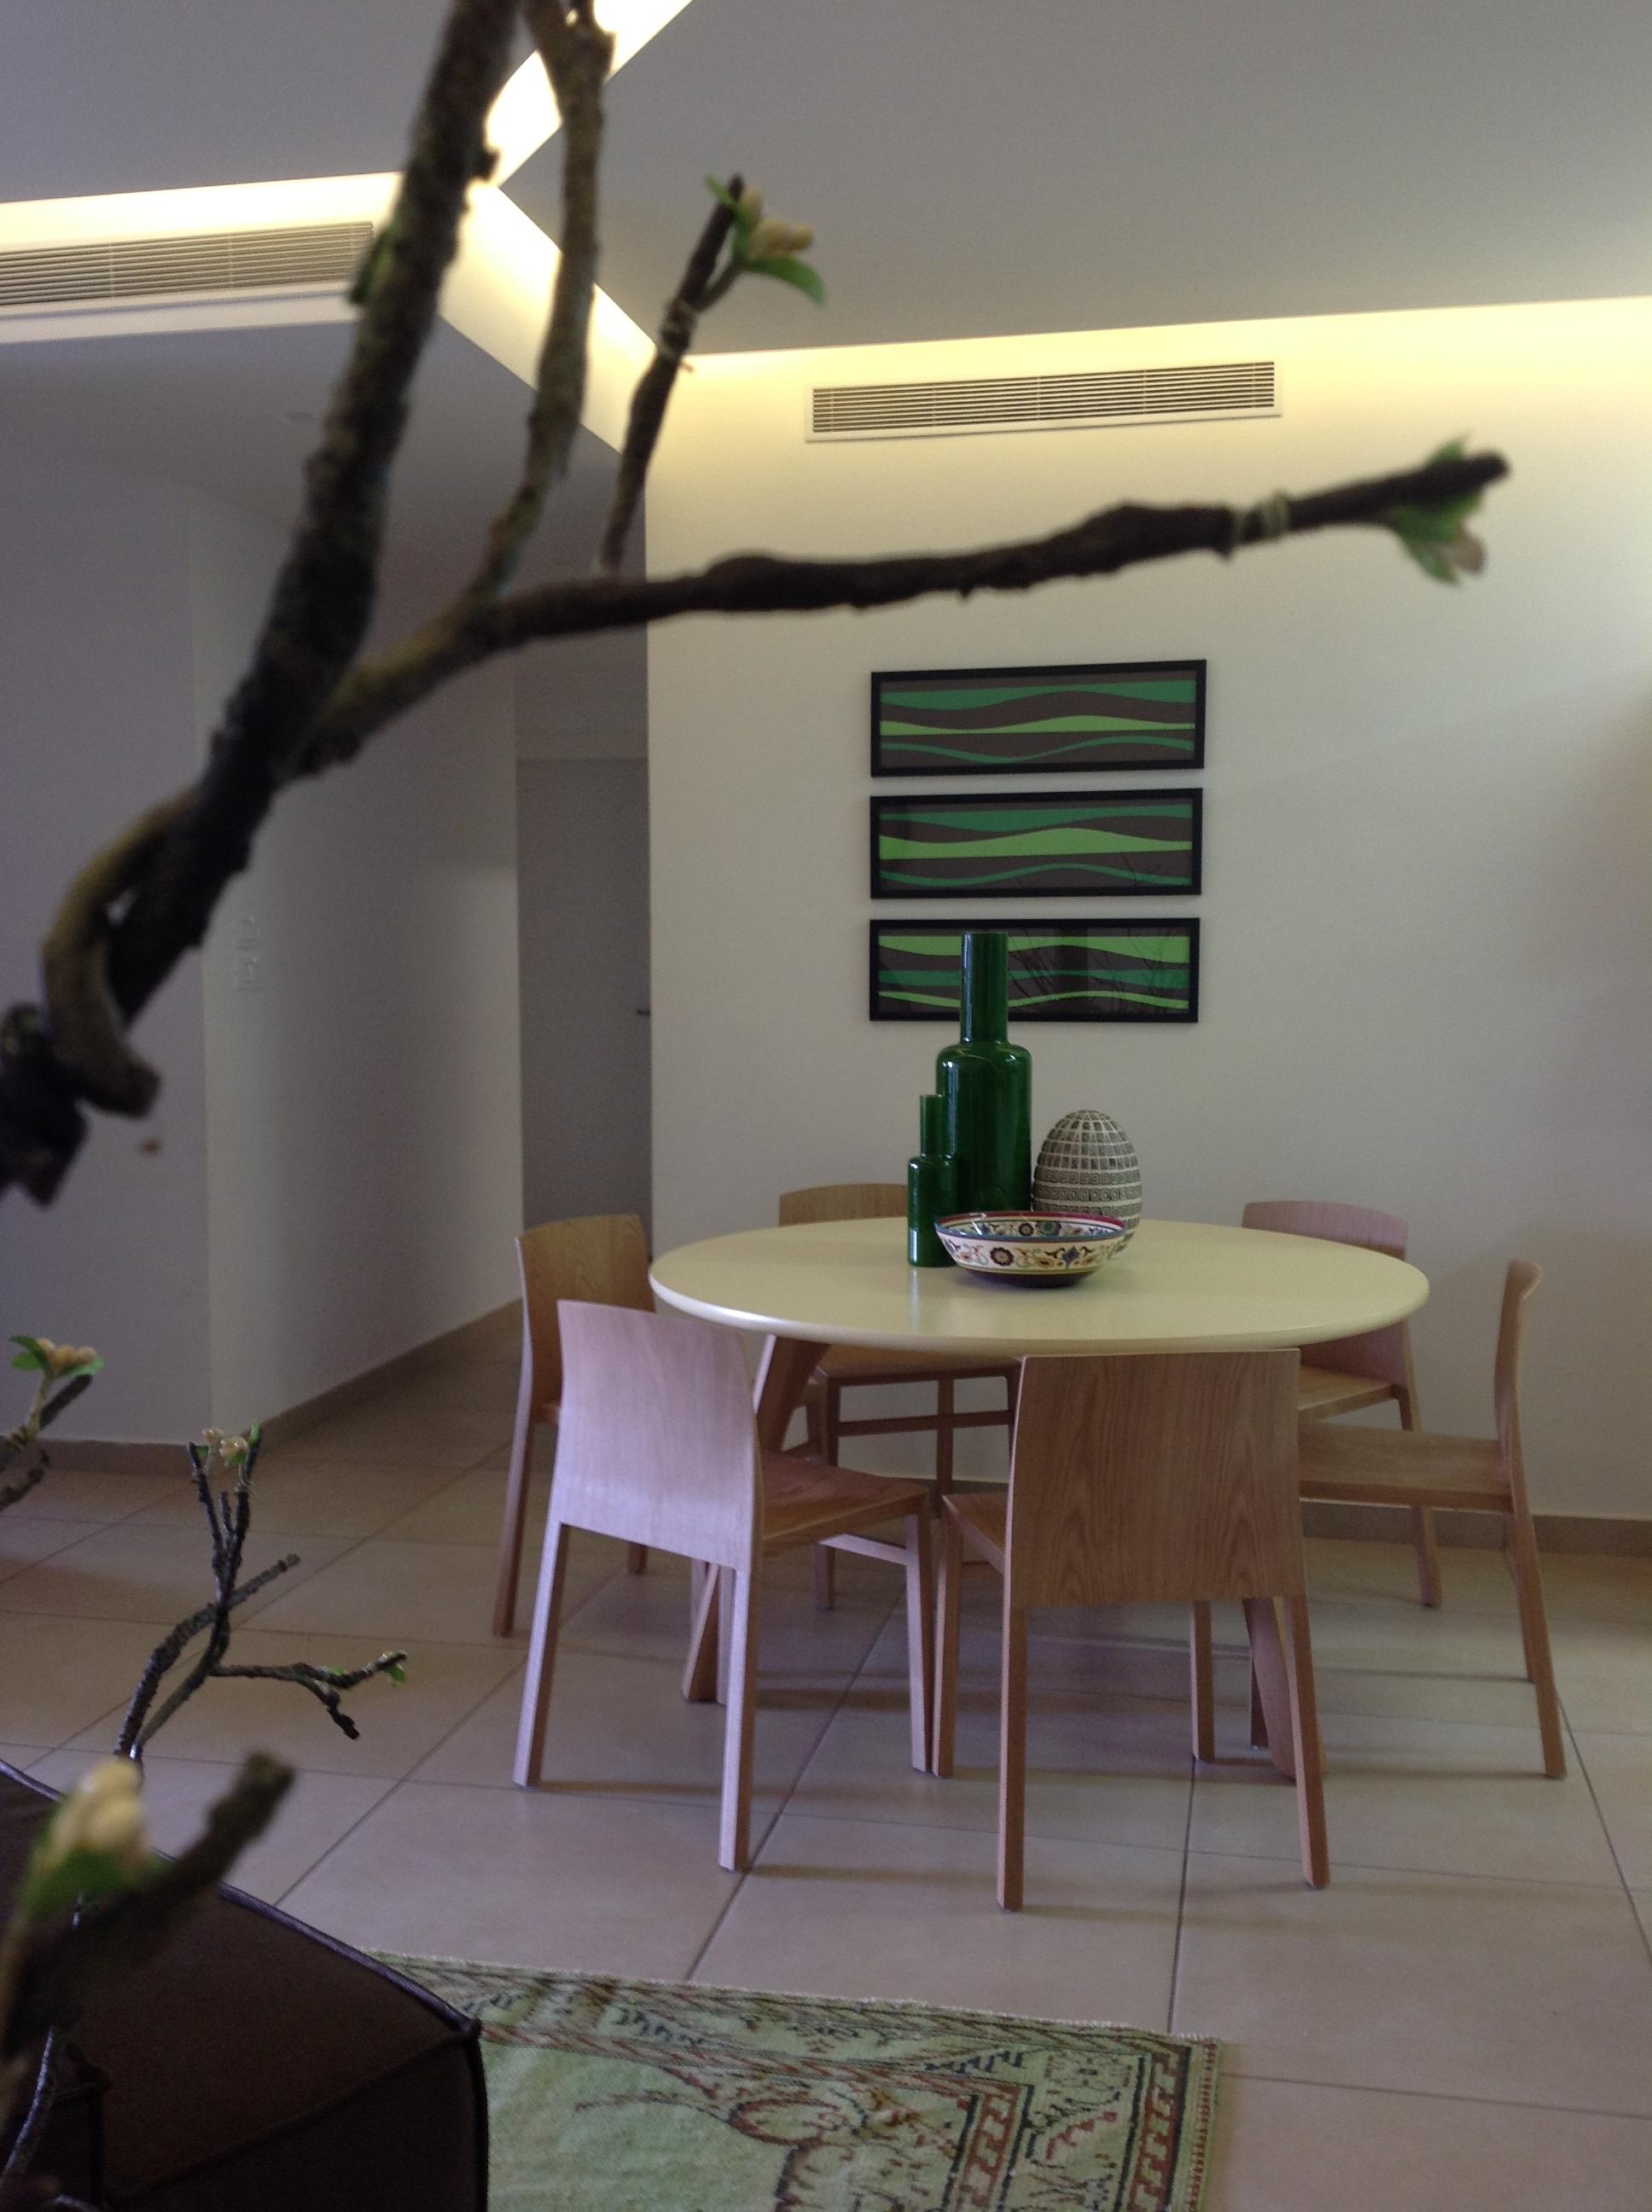 חלל מגורים בדירה בנתניה - פינת אוכל